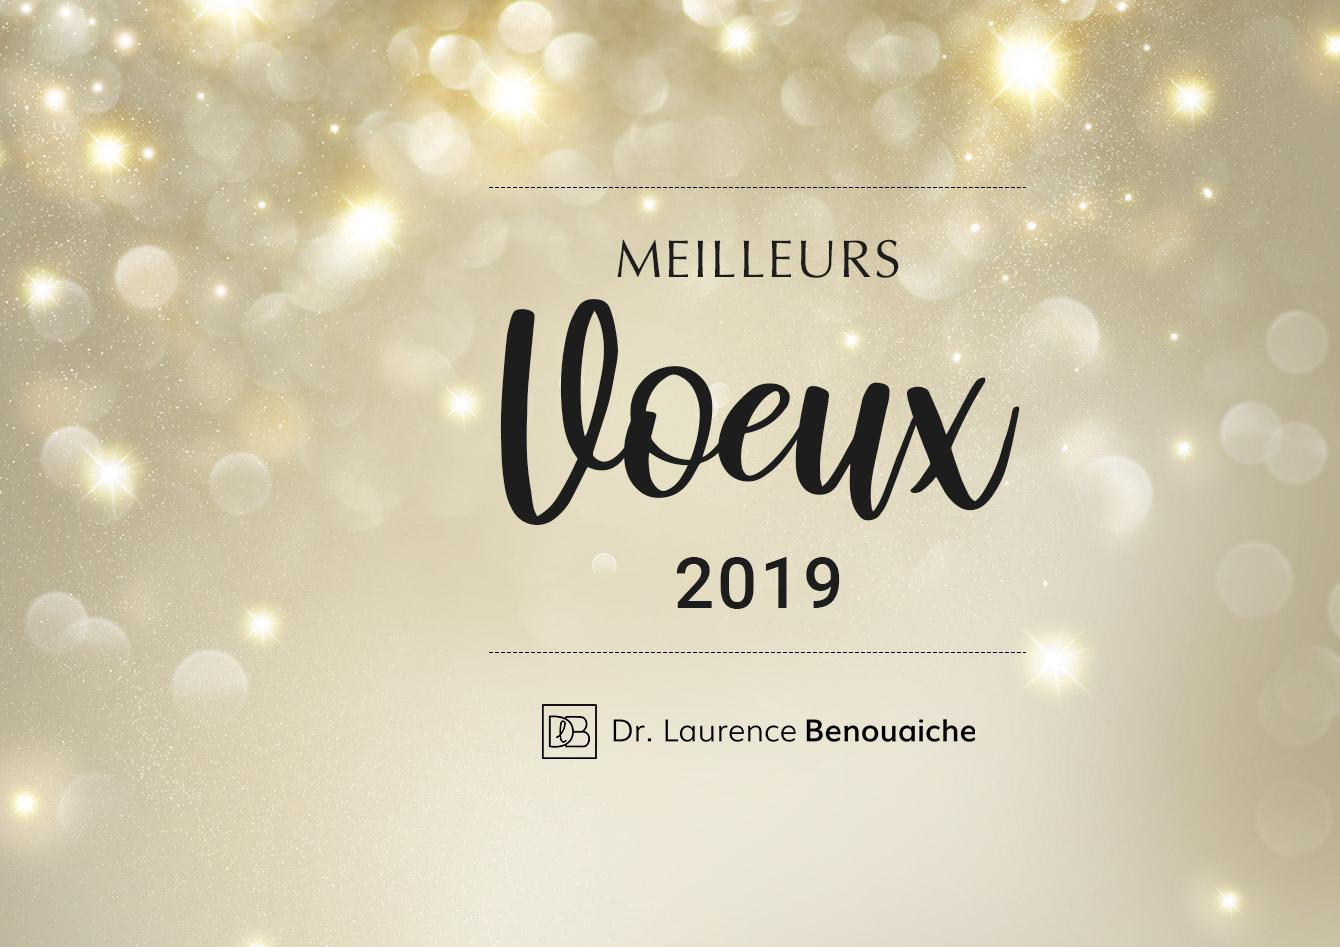 Meilleurs Vœux 2019 - Dr Benouaiche, Paris